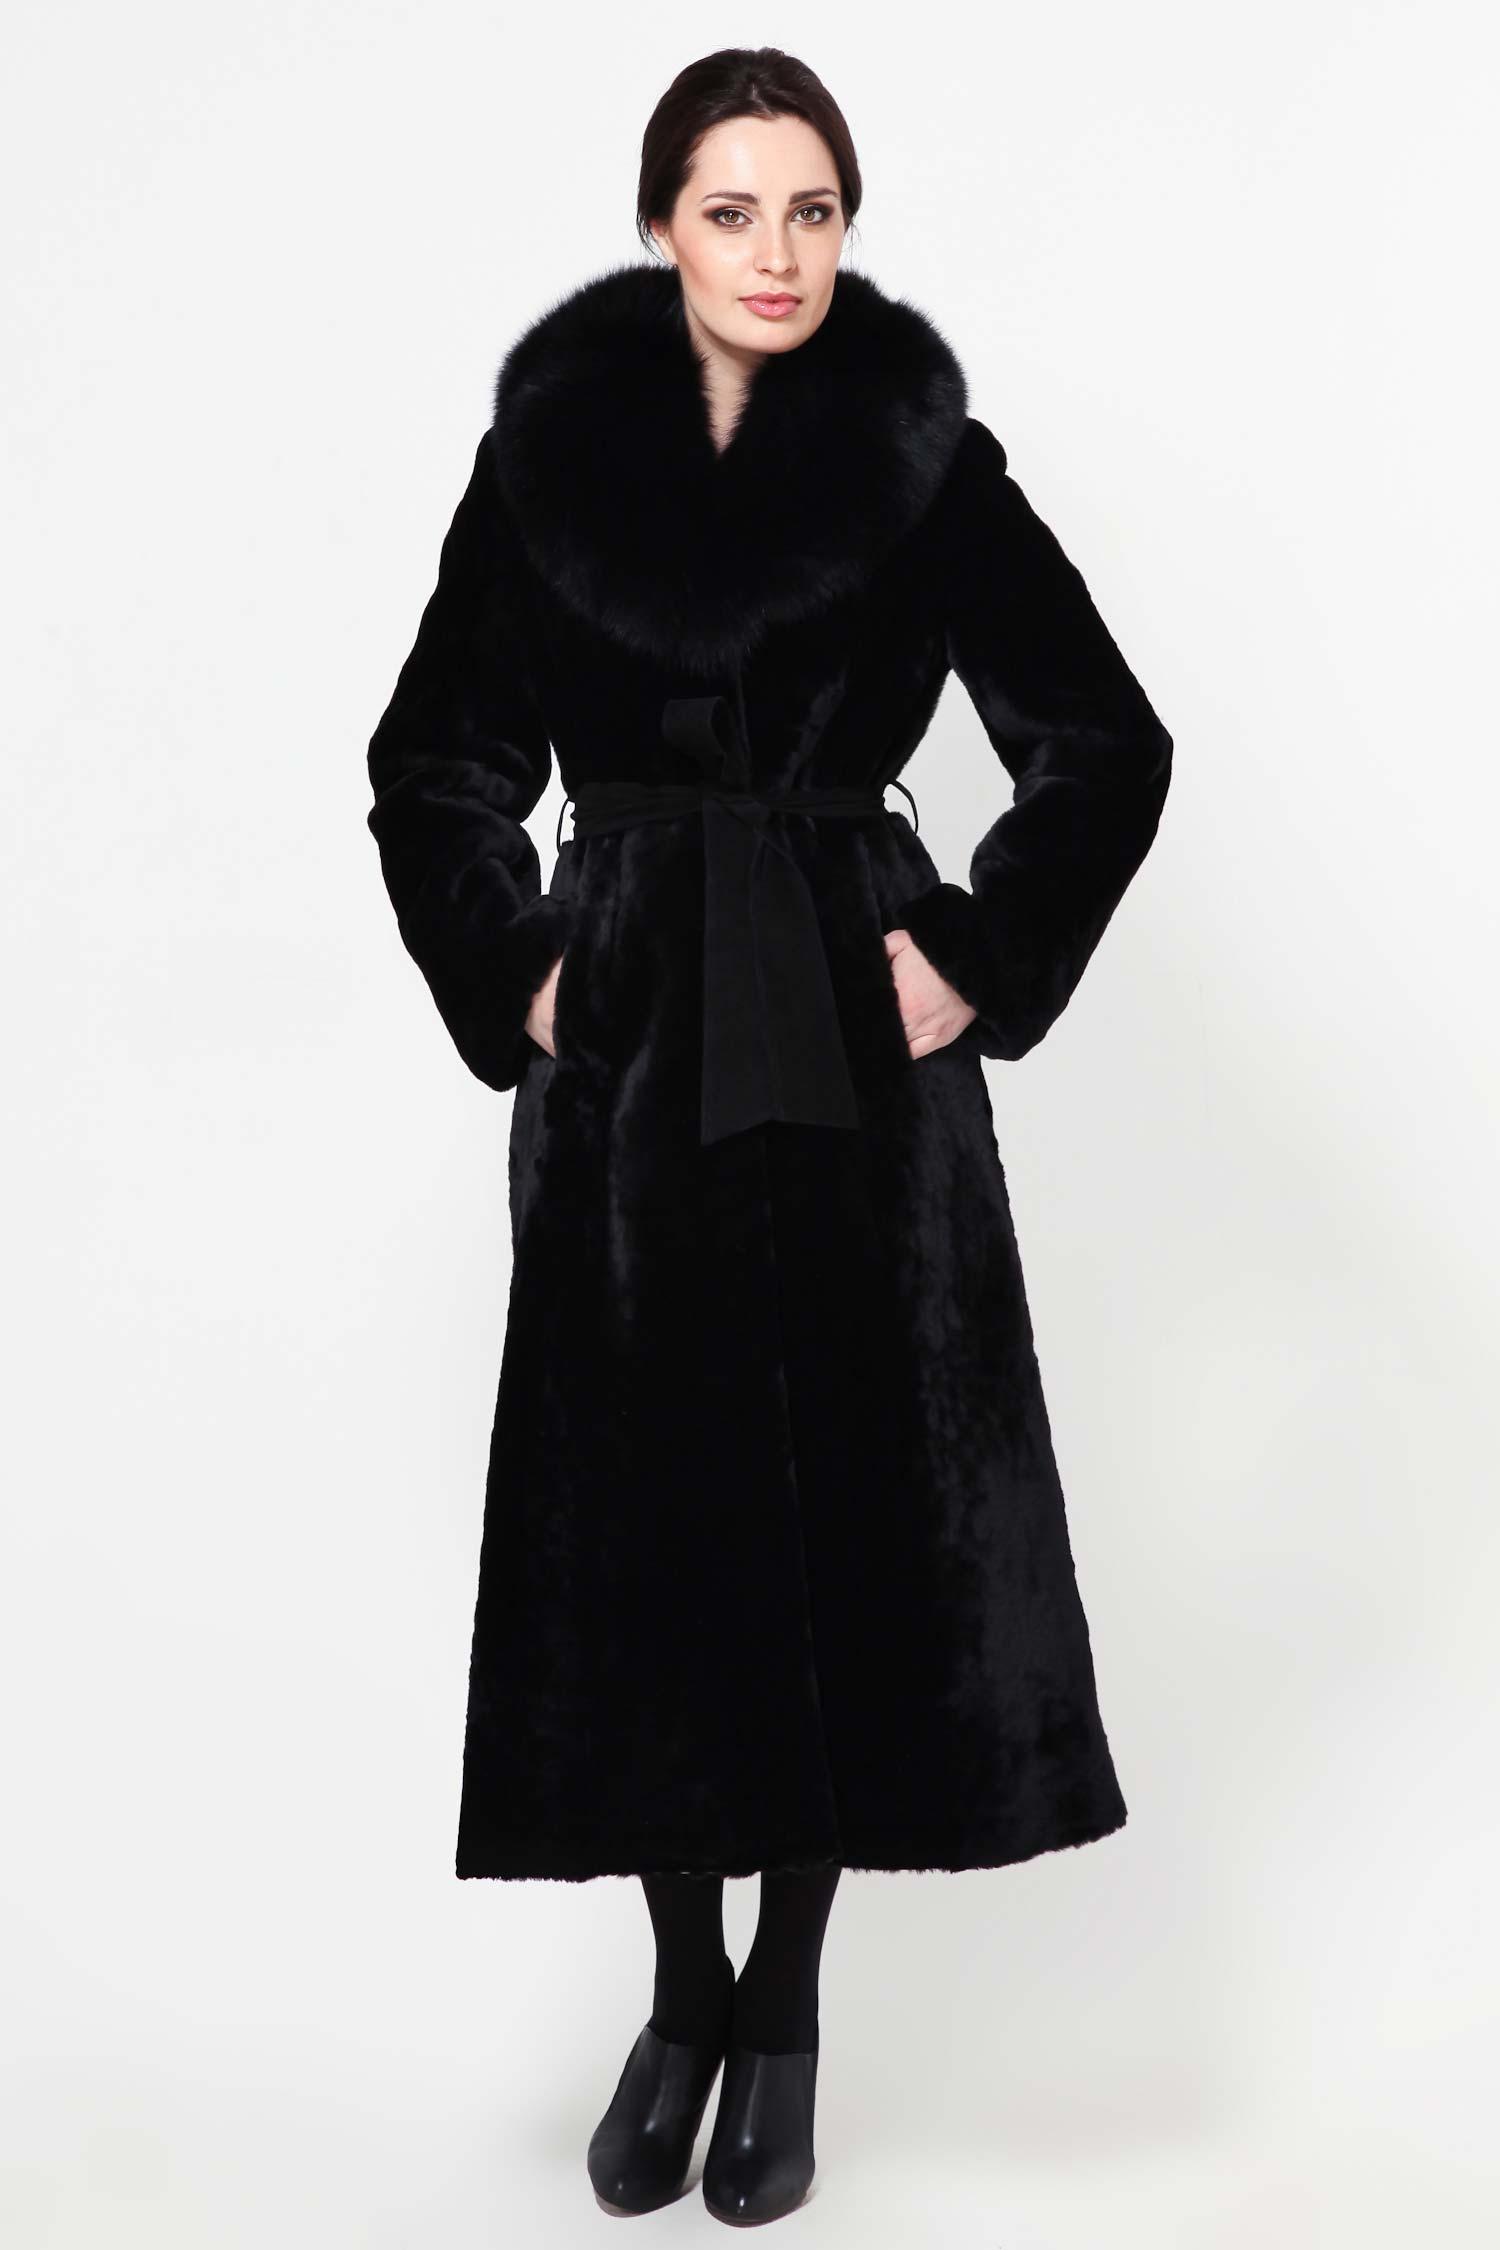 Шуба из мутона с воротником, отделка песецИзумительное пальто с длинными рукавами и меховым воротником из песца, подчеркнет Ваш изысканный вкус. Модель дополнена потайными крючками и шикарным кожаным ремнем. Изделие выполнено из материалов высшего качества. Это идеальный вариант для Вашего вечернего, повседневного или даже торжественного гардероба верхней одежды. Выбор самых роскошных и изумительных леди.<br><br>Воротник: Шаль<br>Длина см: 125<br>Цвет: Черный<br>Вид застежки: Песец<br>Пол: Женский<br>Размер RU: 46